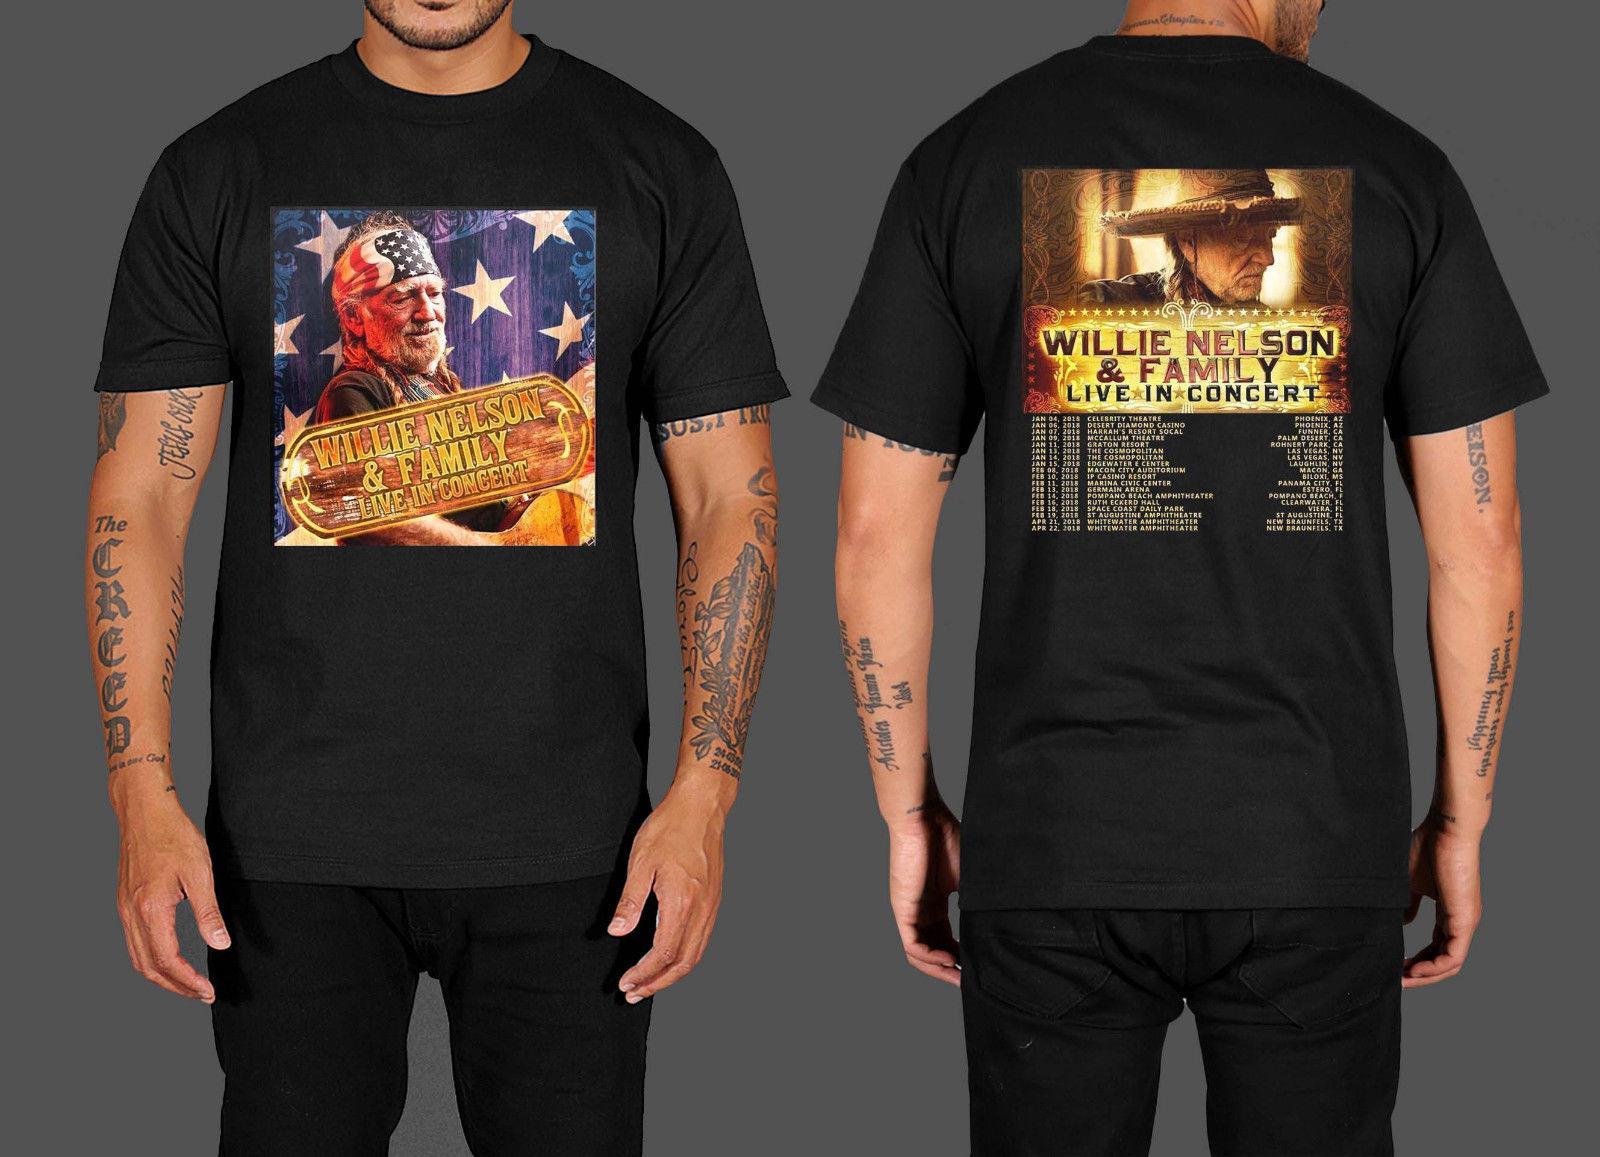 307193b65 Compre New Popular Willie Nelson Família Tour Date 2018 Preto T Shirt Dos  Homens Clássicos Dos Homens T Camisa Casual Verão T Shirt Tops De  Armanitshirt, ...